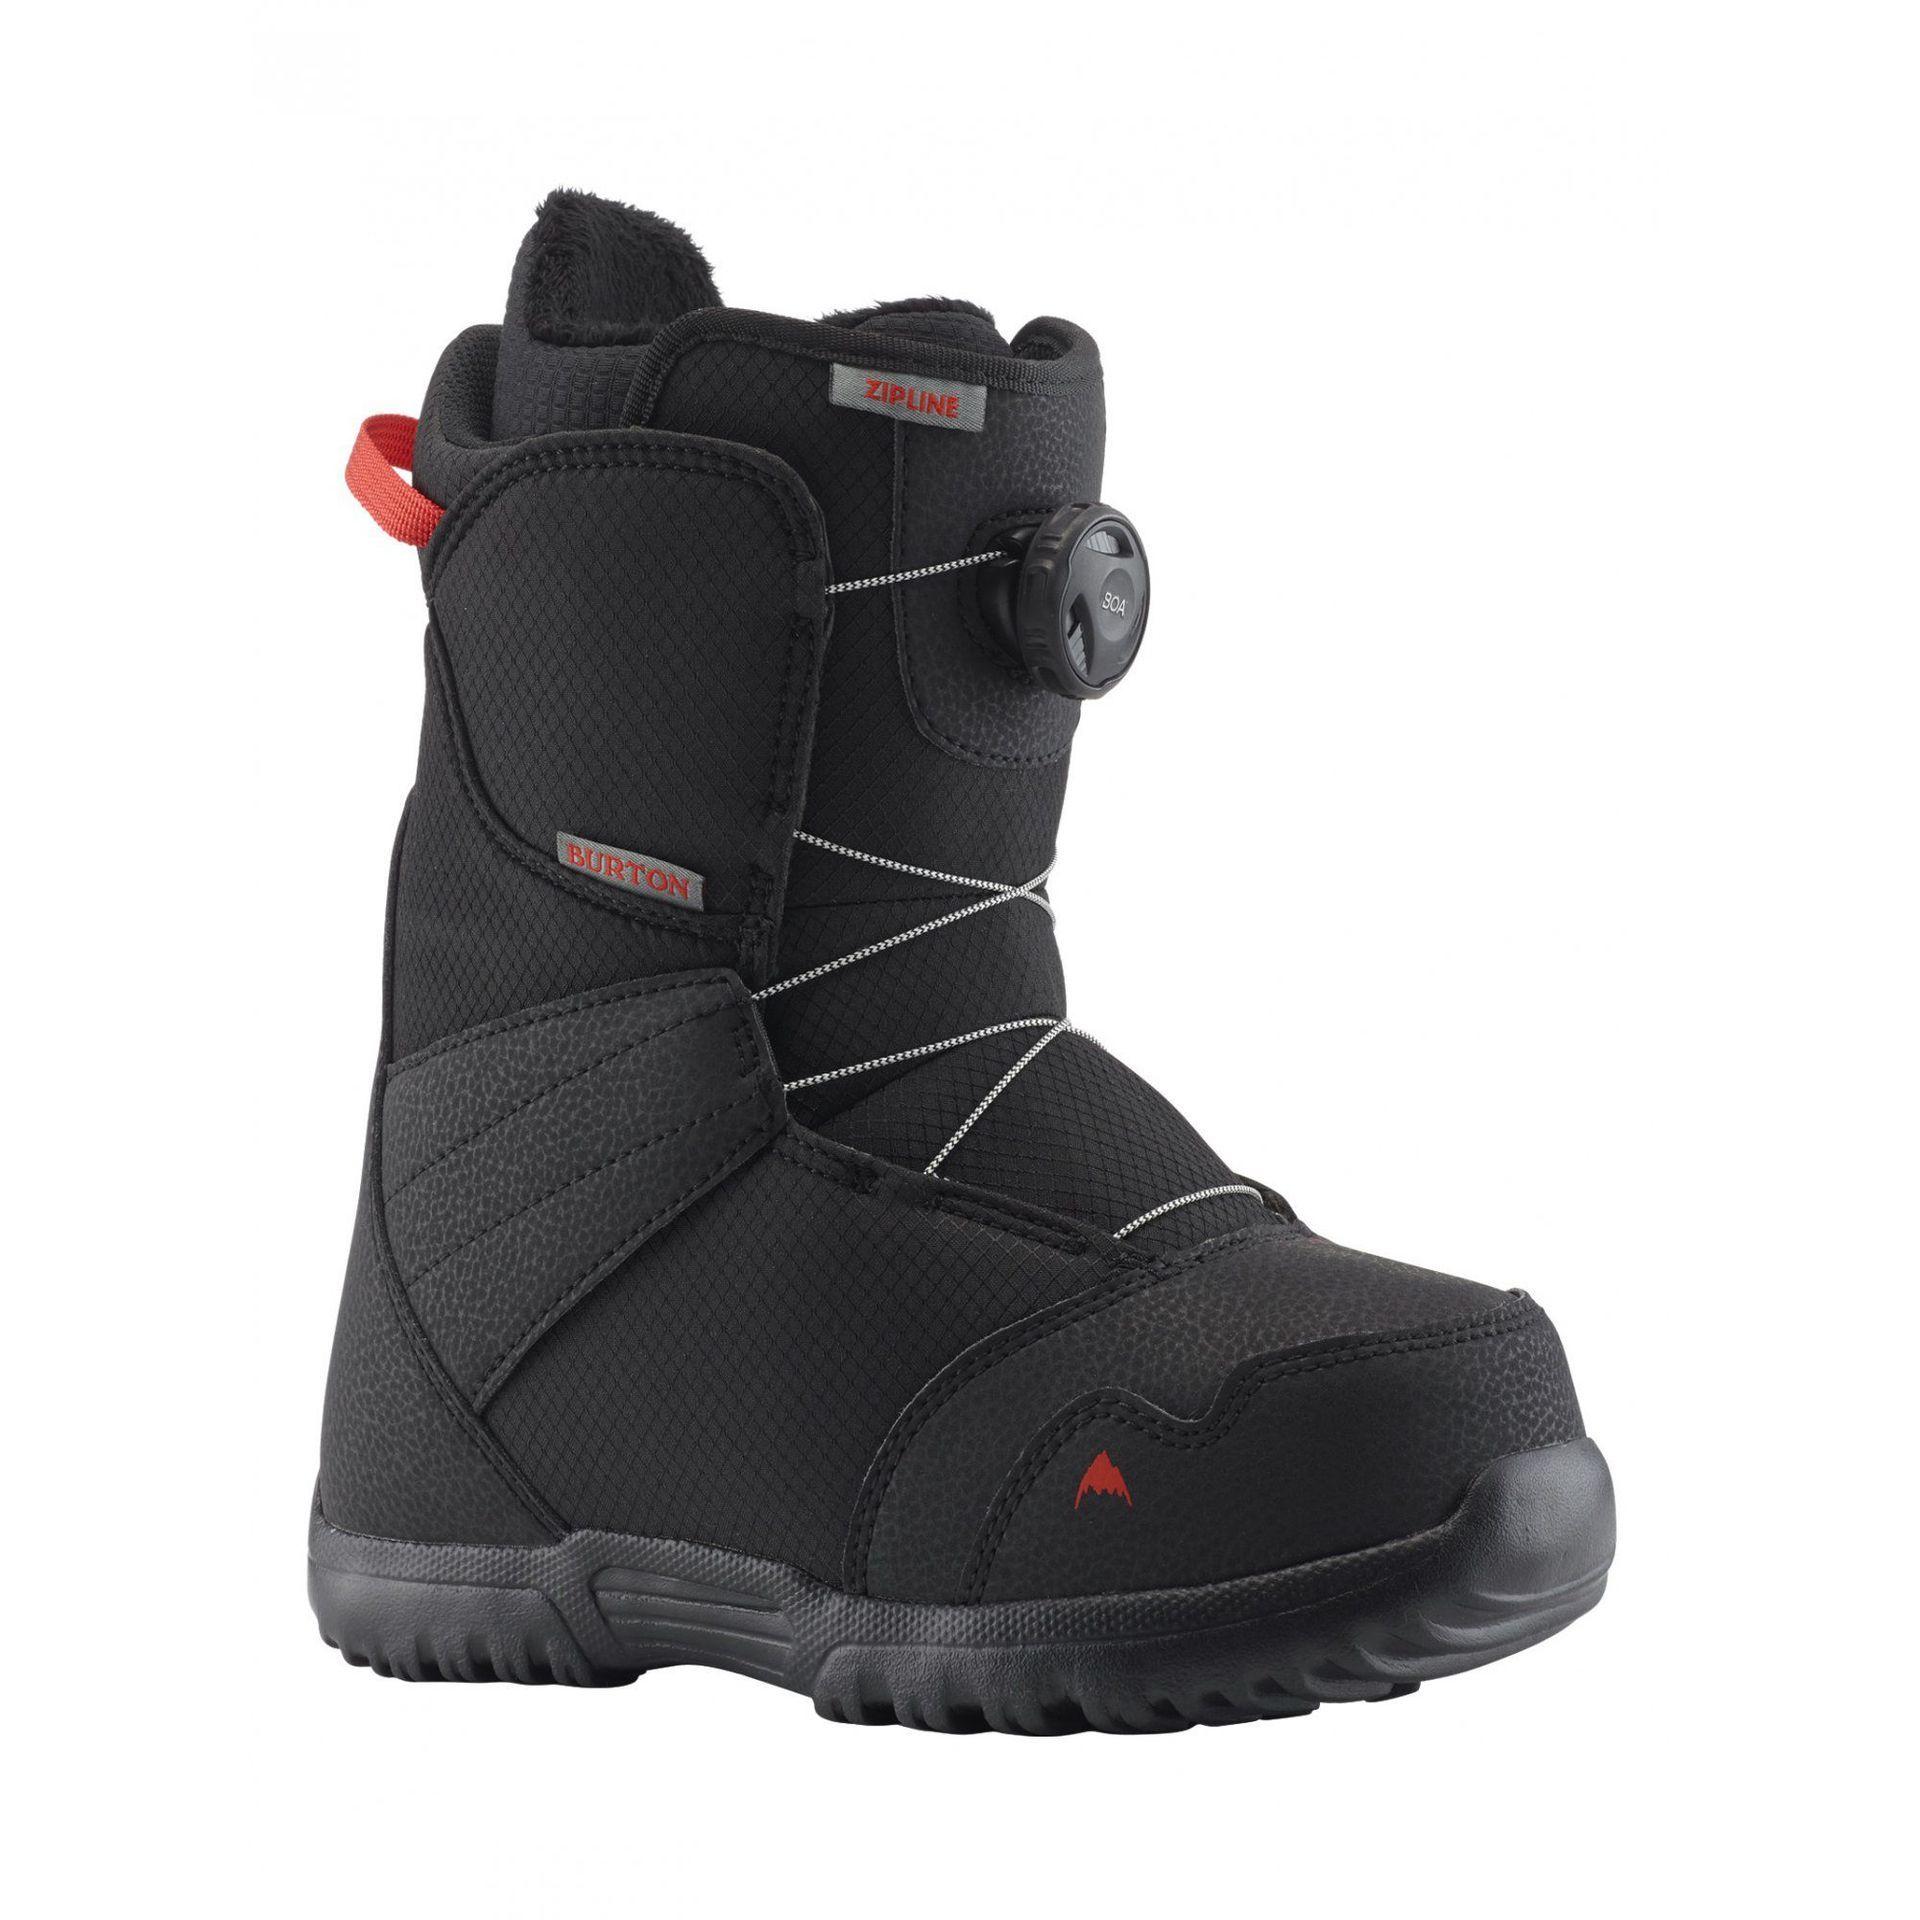 BUTY SNOWBOARDOWE BURTON ZIPLINE BOA BLACK 131911-001 1